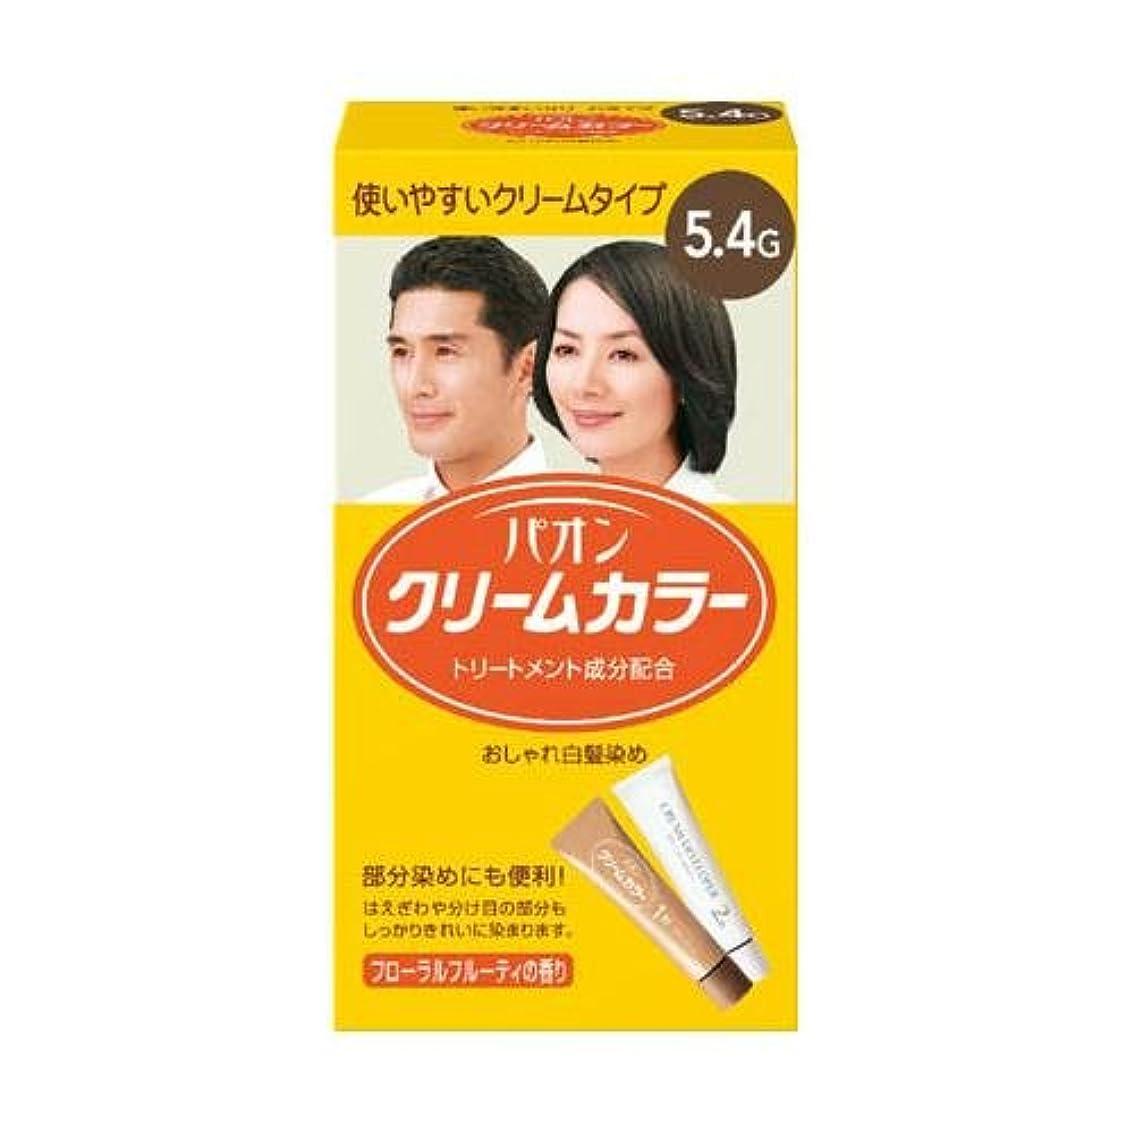 【シュワルツコフ ヘンケル】パオンクリームカラー5.4-Gくすんだ濃いめの栗色40g+40g